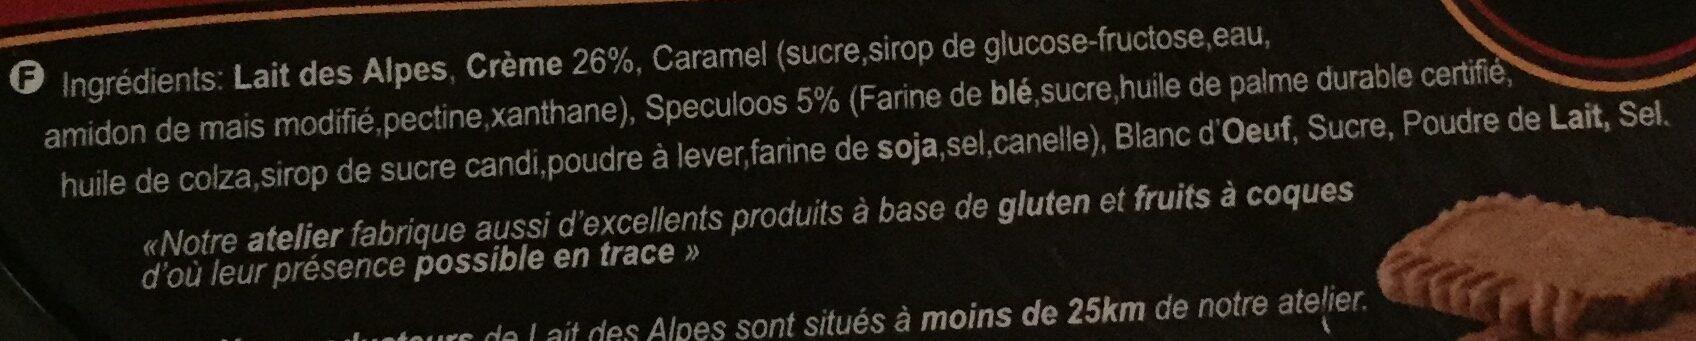 Crème Speculoos - Ingredients - fr